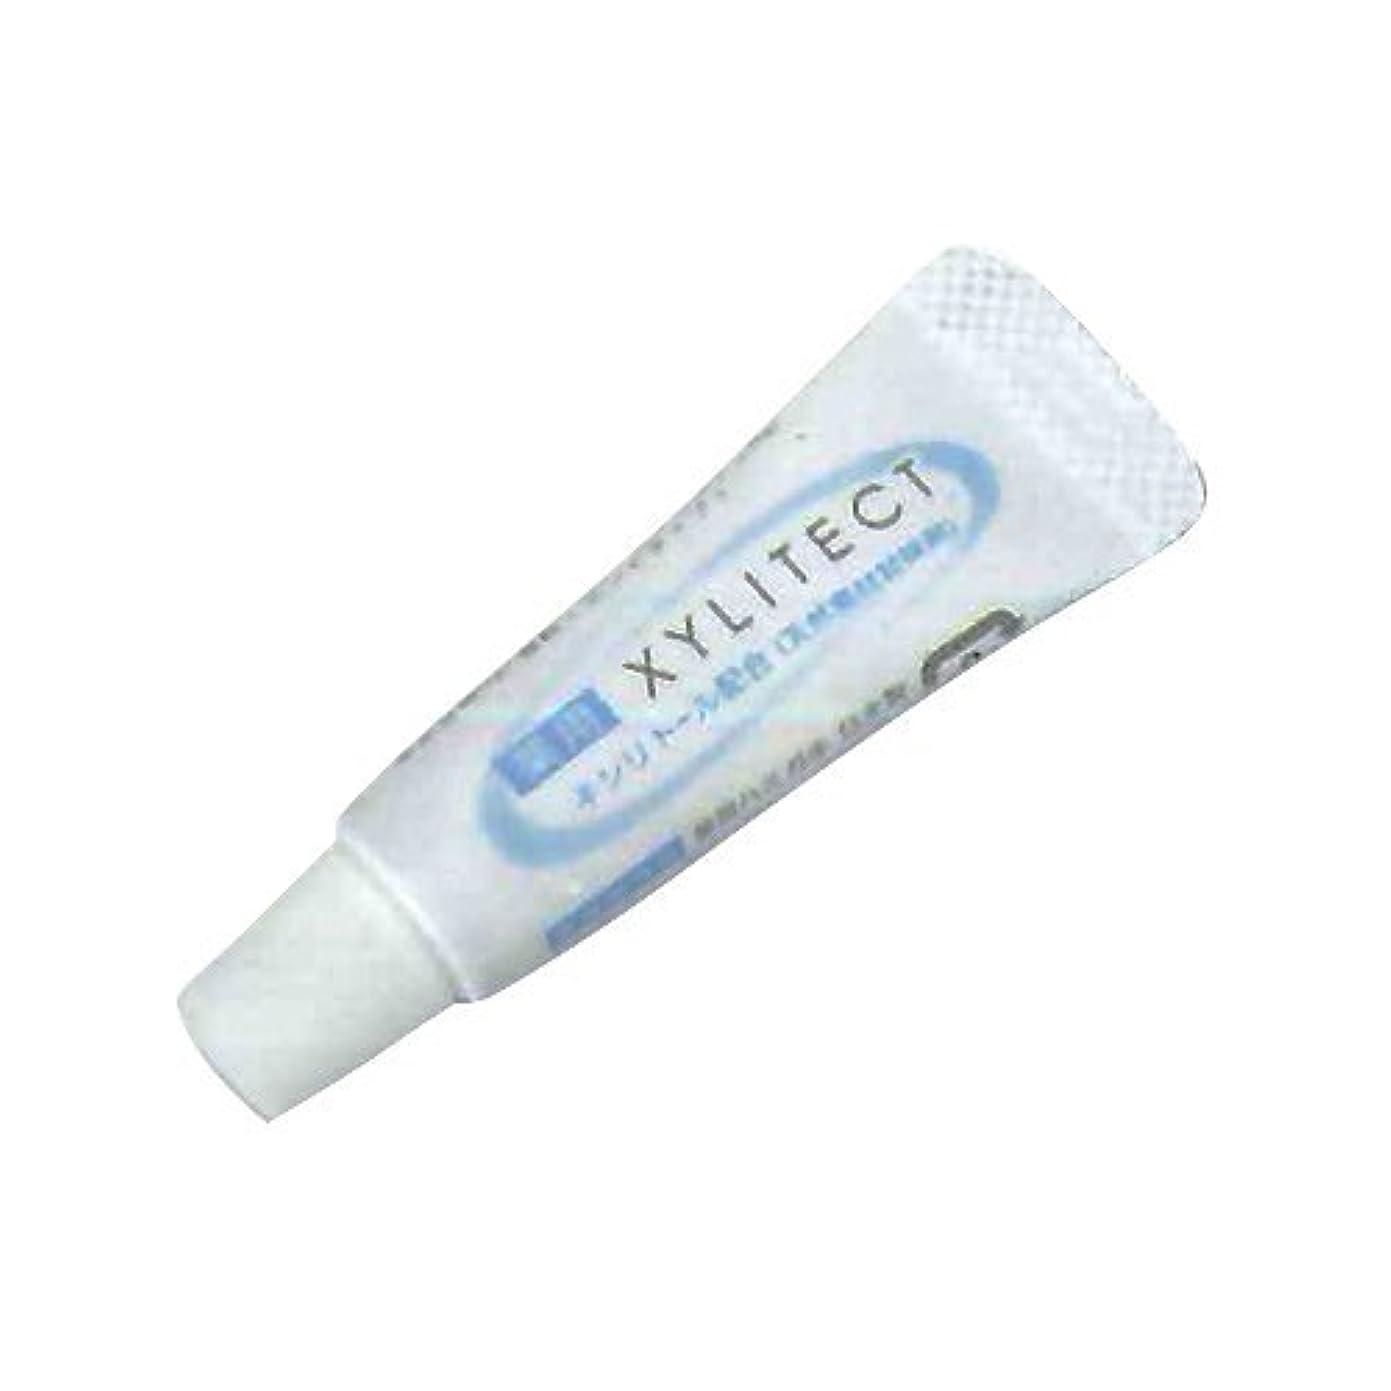 バスルームビジョンボクシング業務用歯磨き粉 薬用キシリテクト (XYLITECT) 4.5g ×100個セット (個包装タイプ) | ホテルアメニティ ハミガキ toothpaste